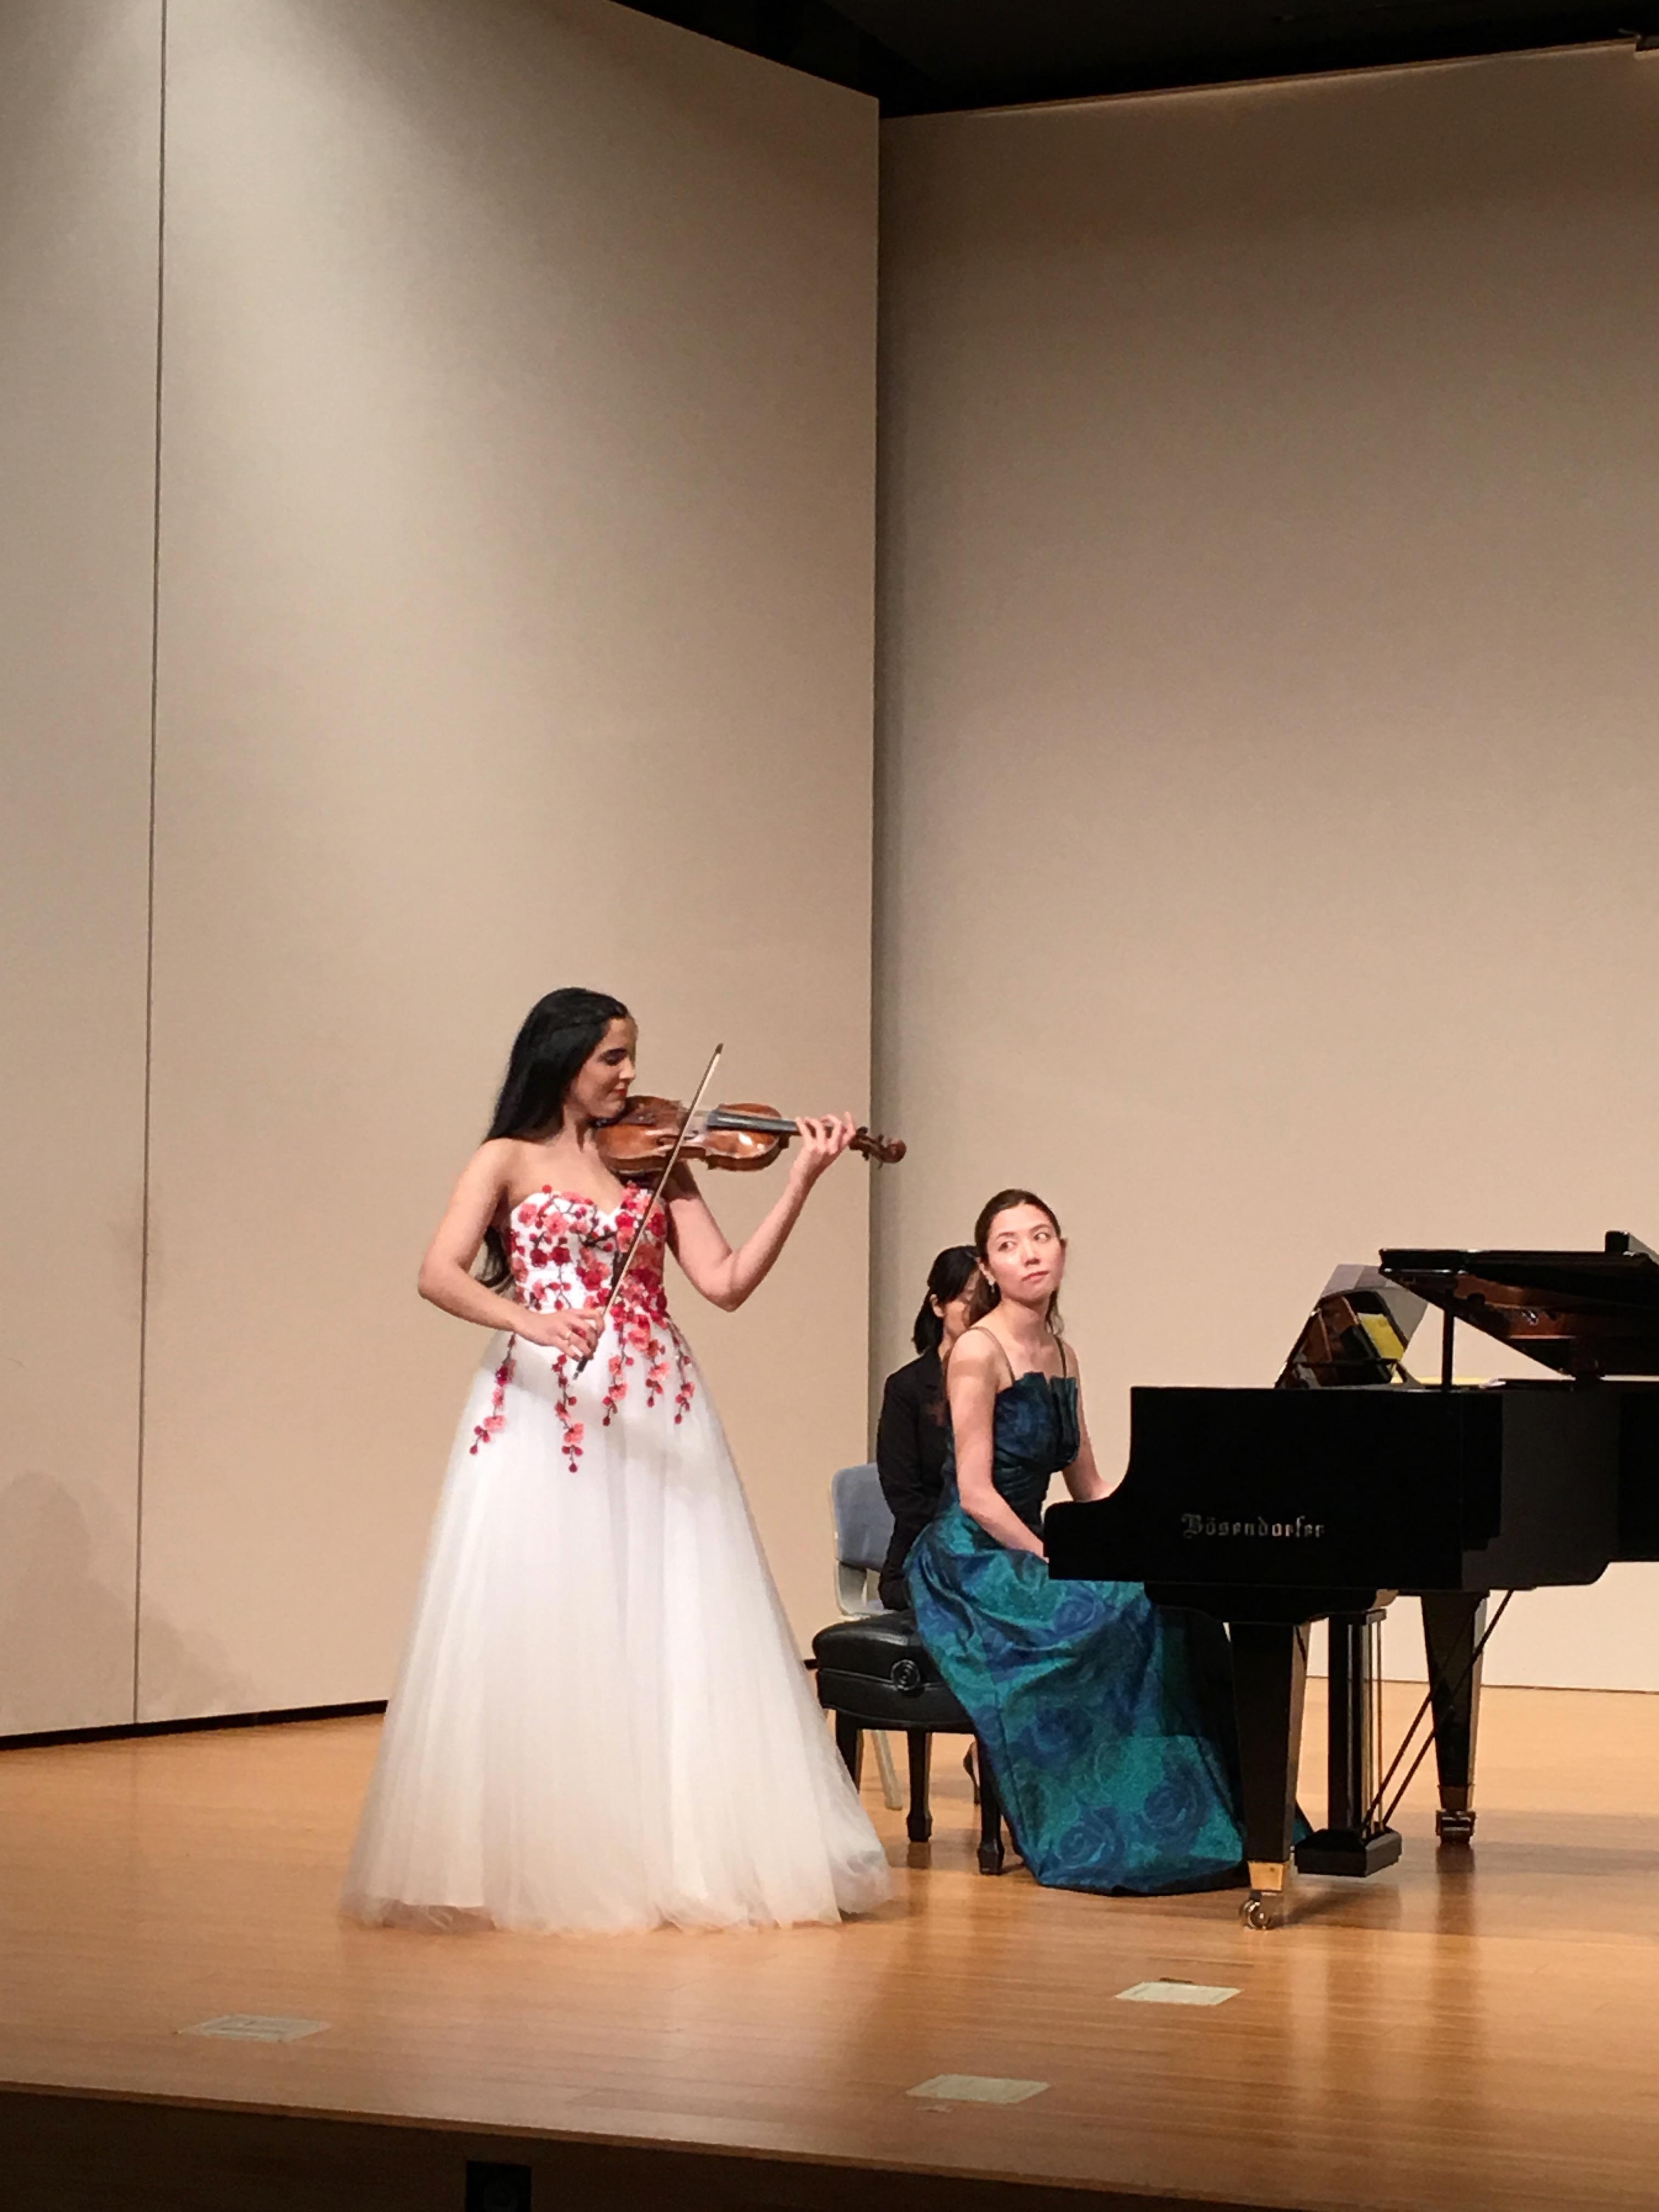 アイシャ・シエド「ヴァイオリンの調べ」開催! Concierto por violonista Aisha Syed